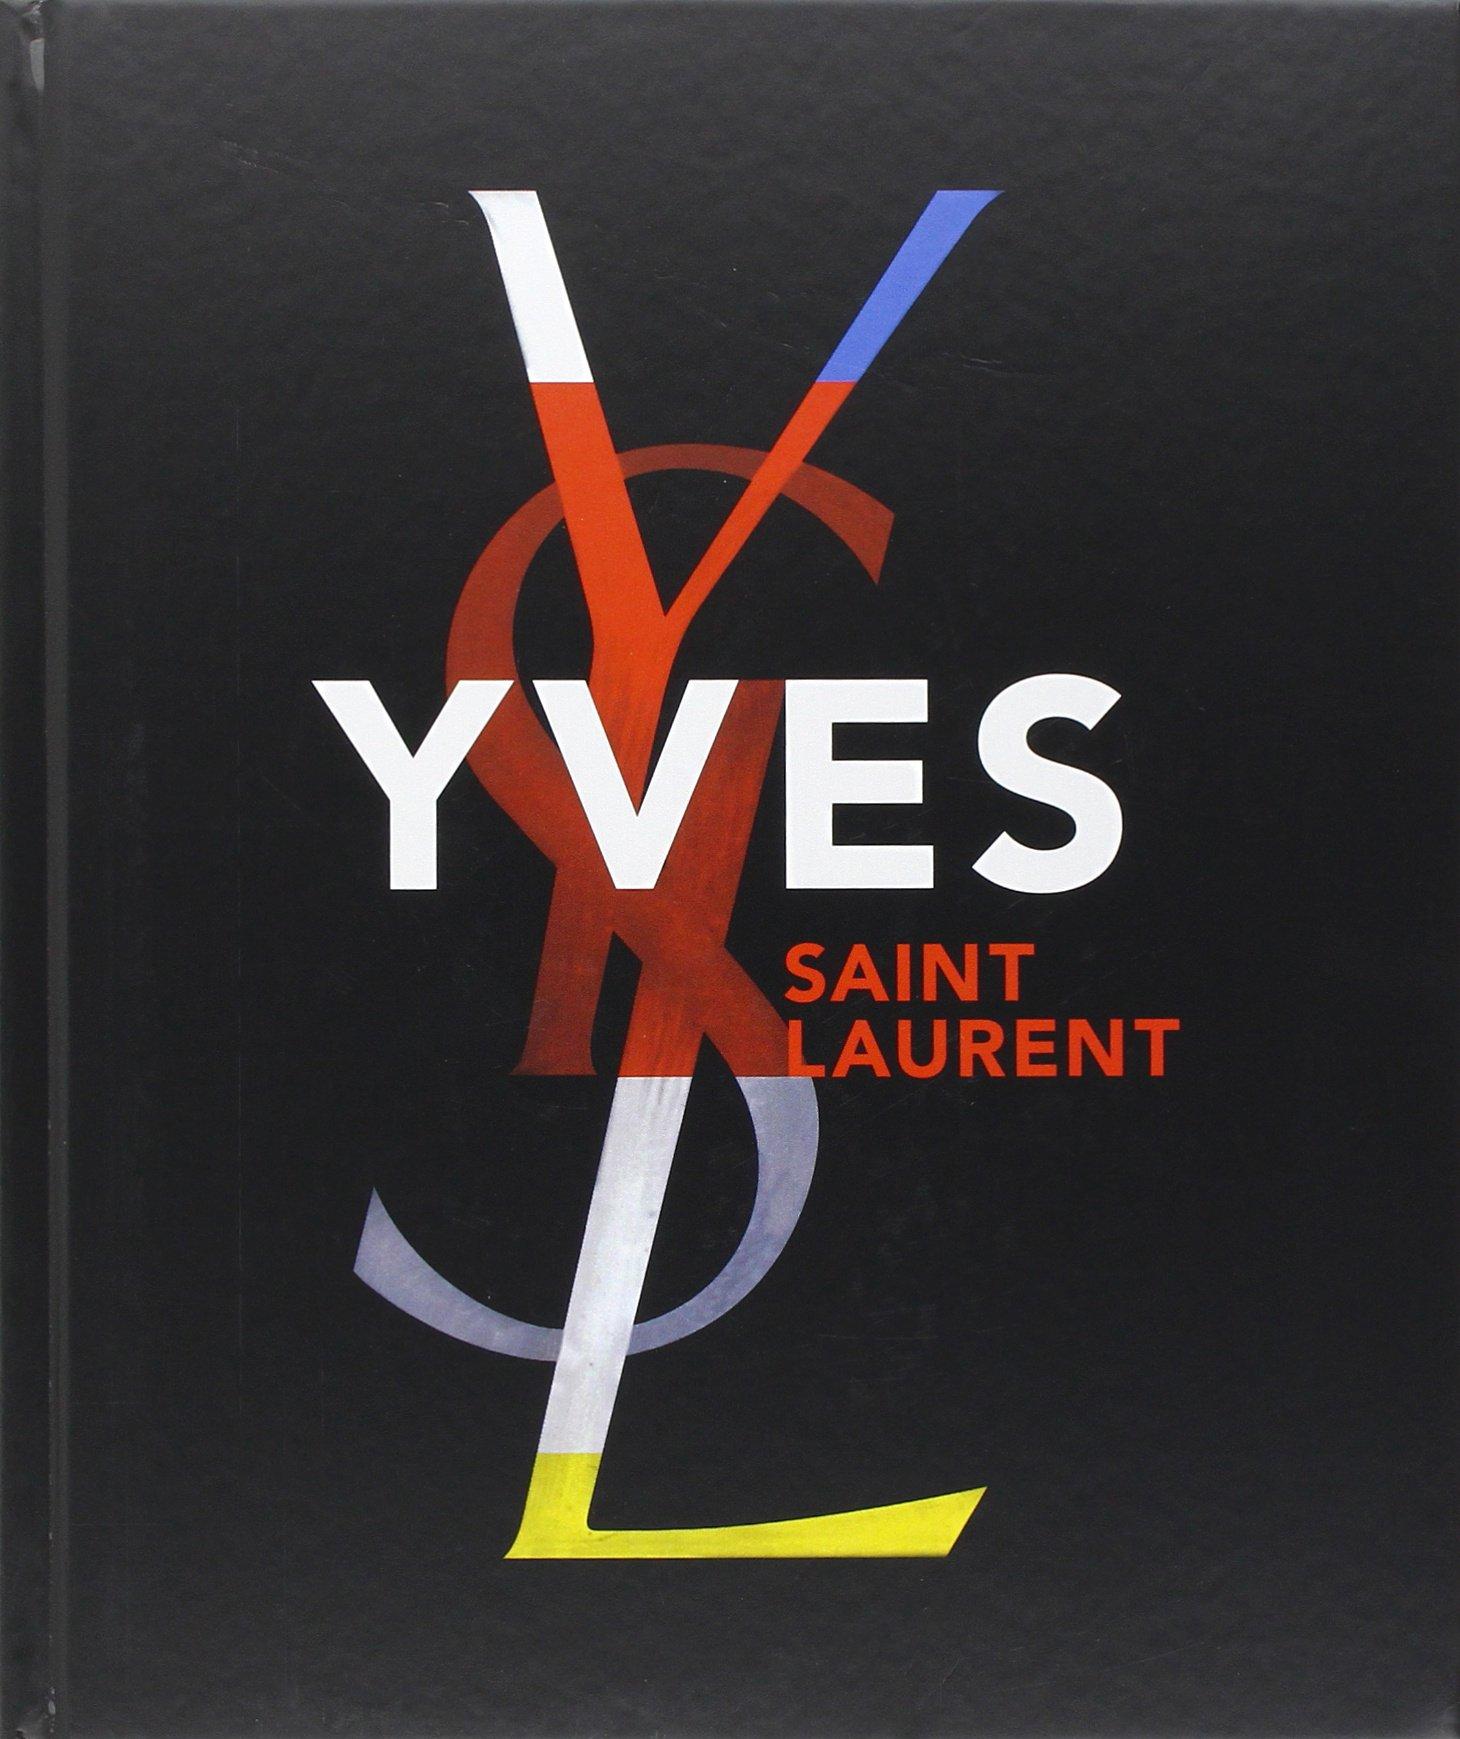 Yves Saint Laurent ISBN-13 9780810996083